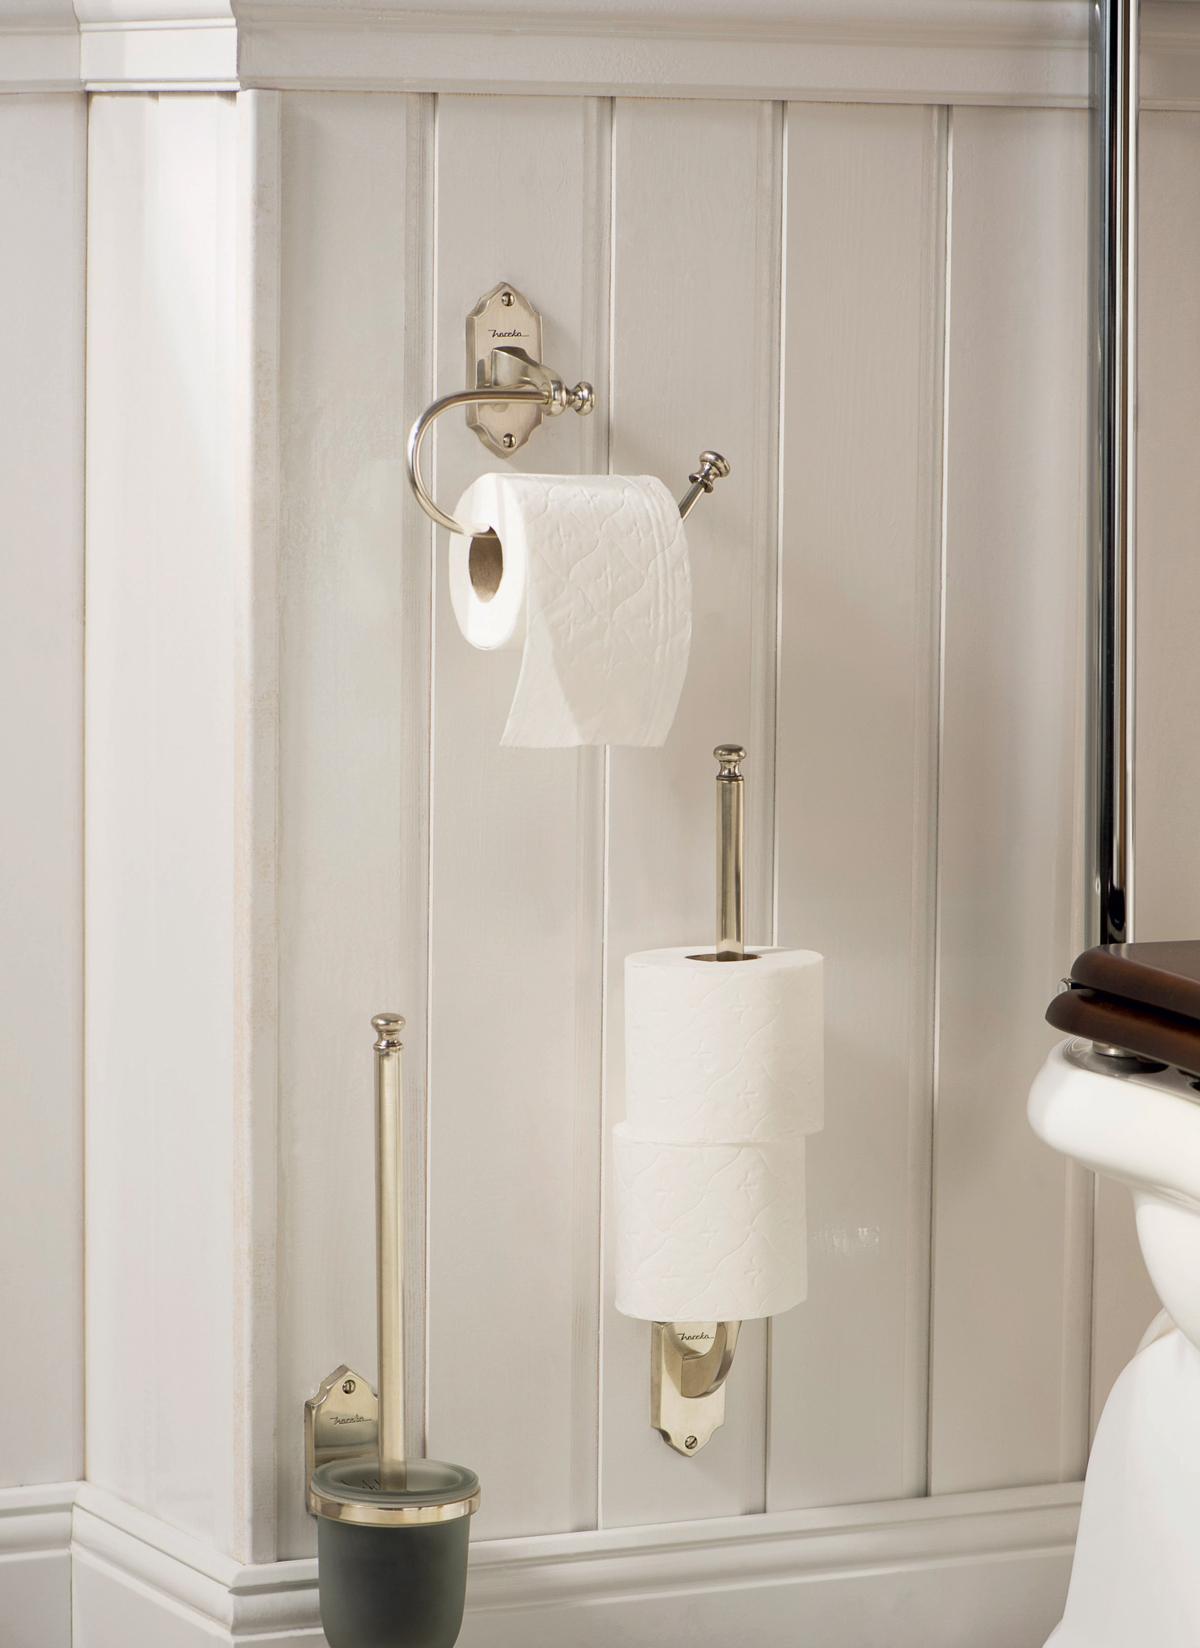 WC-borstel- en toiletpapierhouders in vintage klassiek design van Haceka.